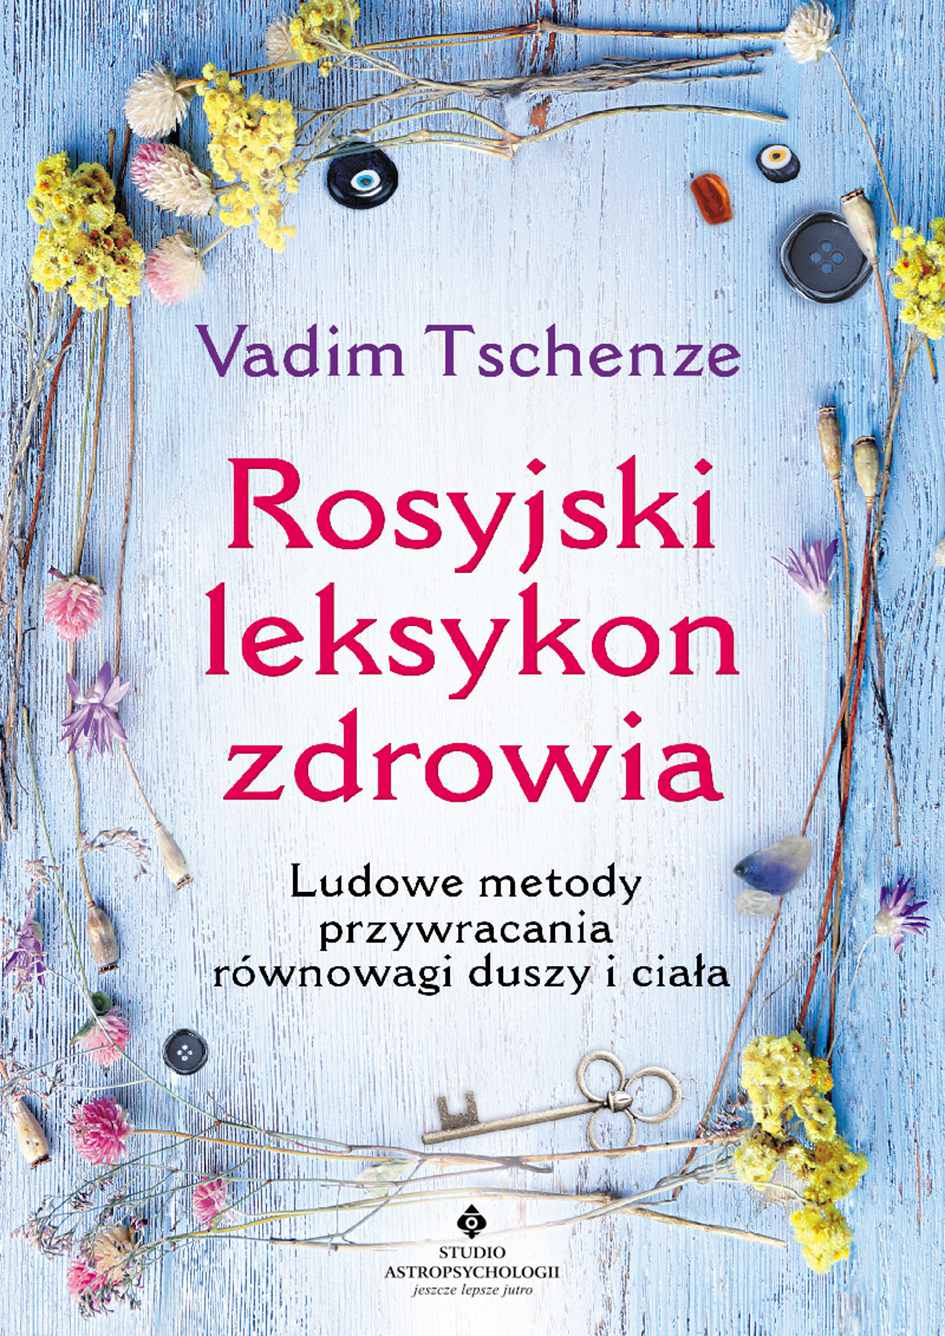 Rosyjski leksykon zdrowia. Ludowe metody przywracania równowagi duszy i ciała - Ebook (Książka EPUB) do pobrania w formacie EPUB